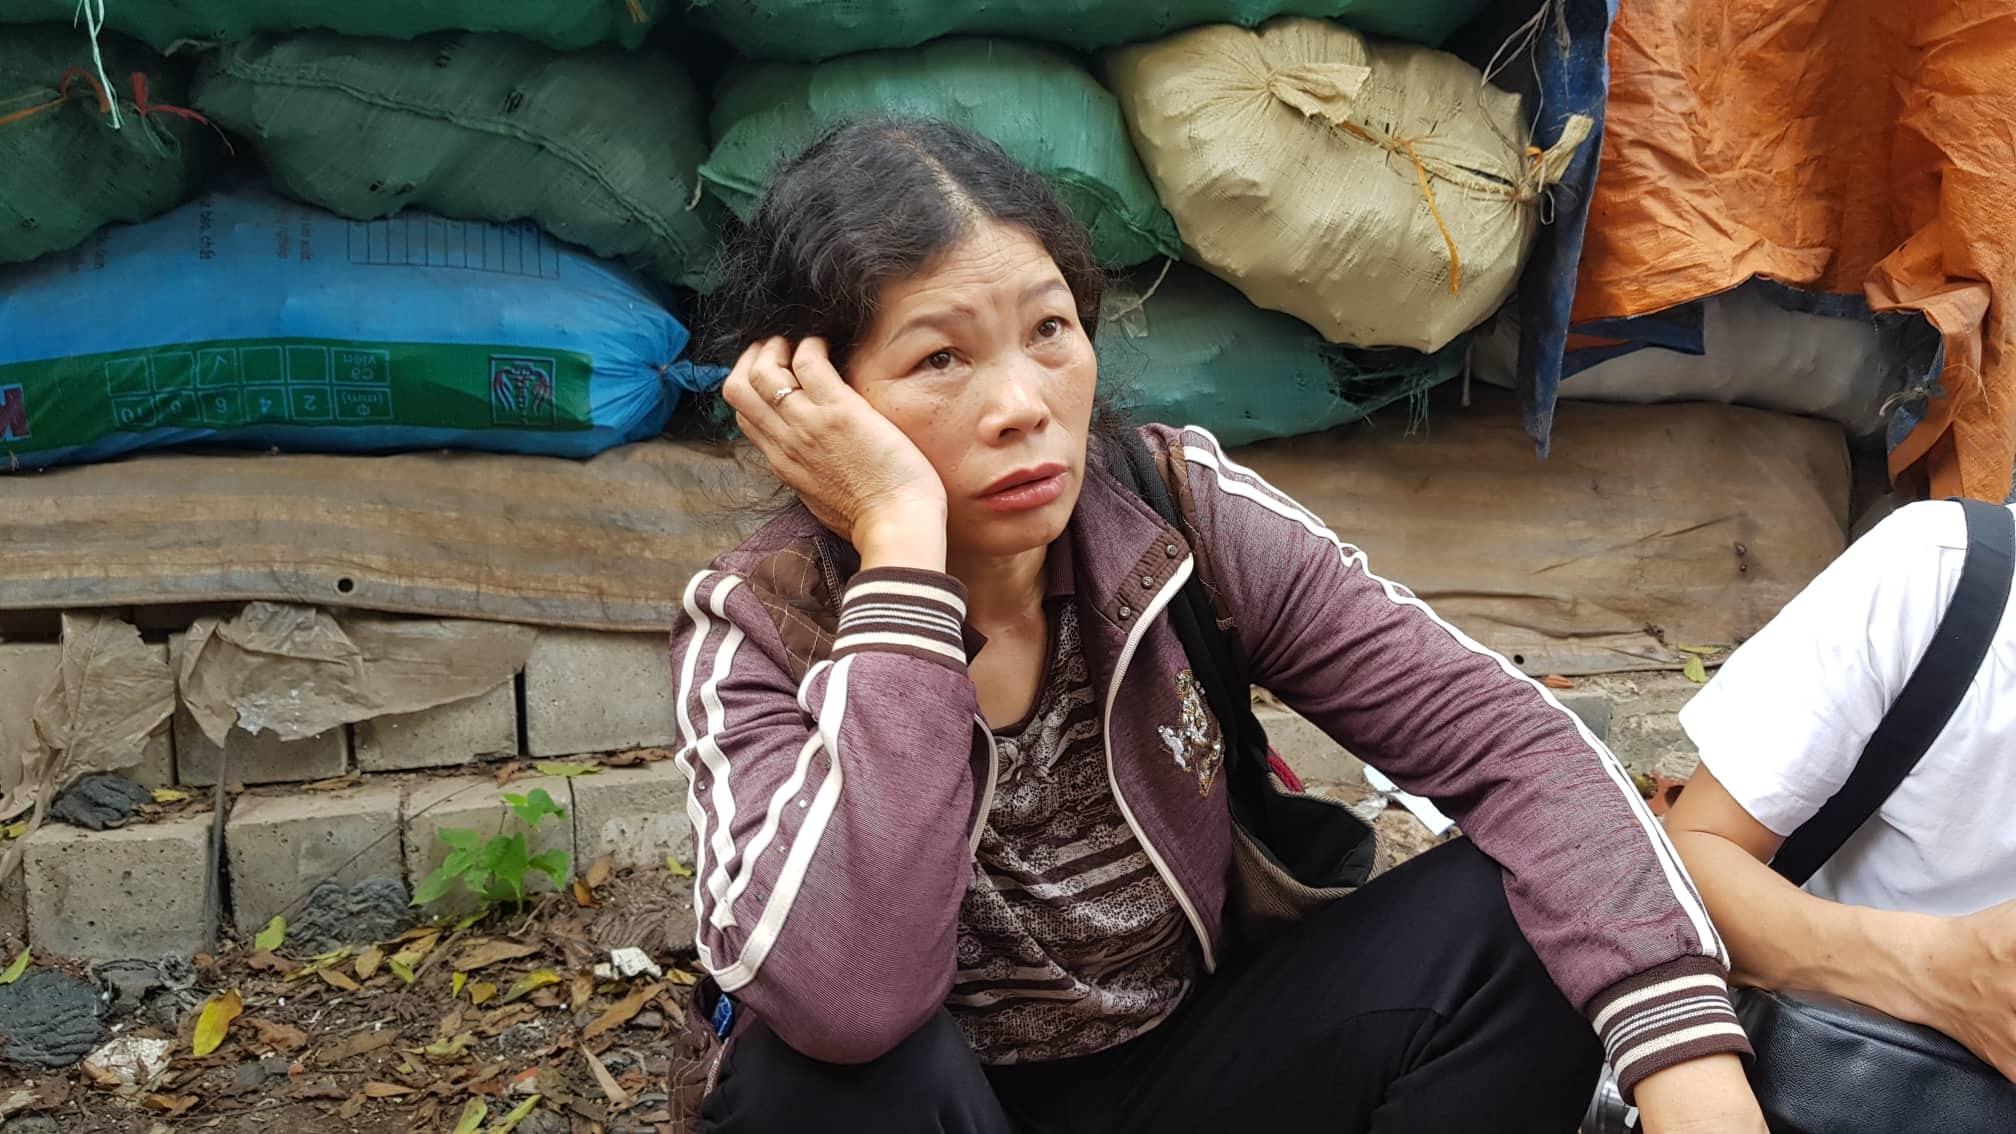 hỏa hoạn,Hà Nội,Cháy xưởng,cháy lớn,Cháy ở Hà Nội